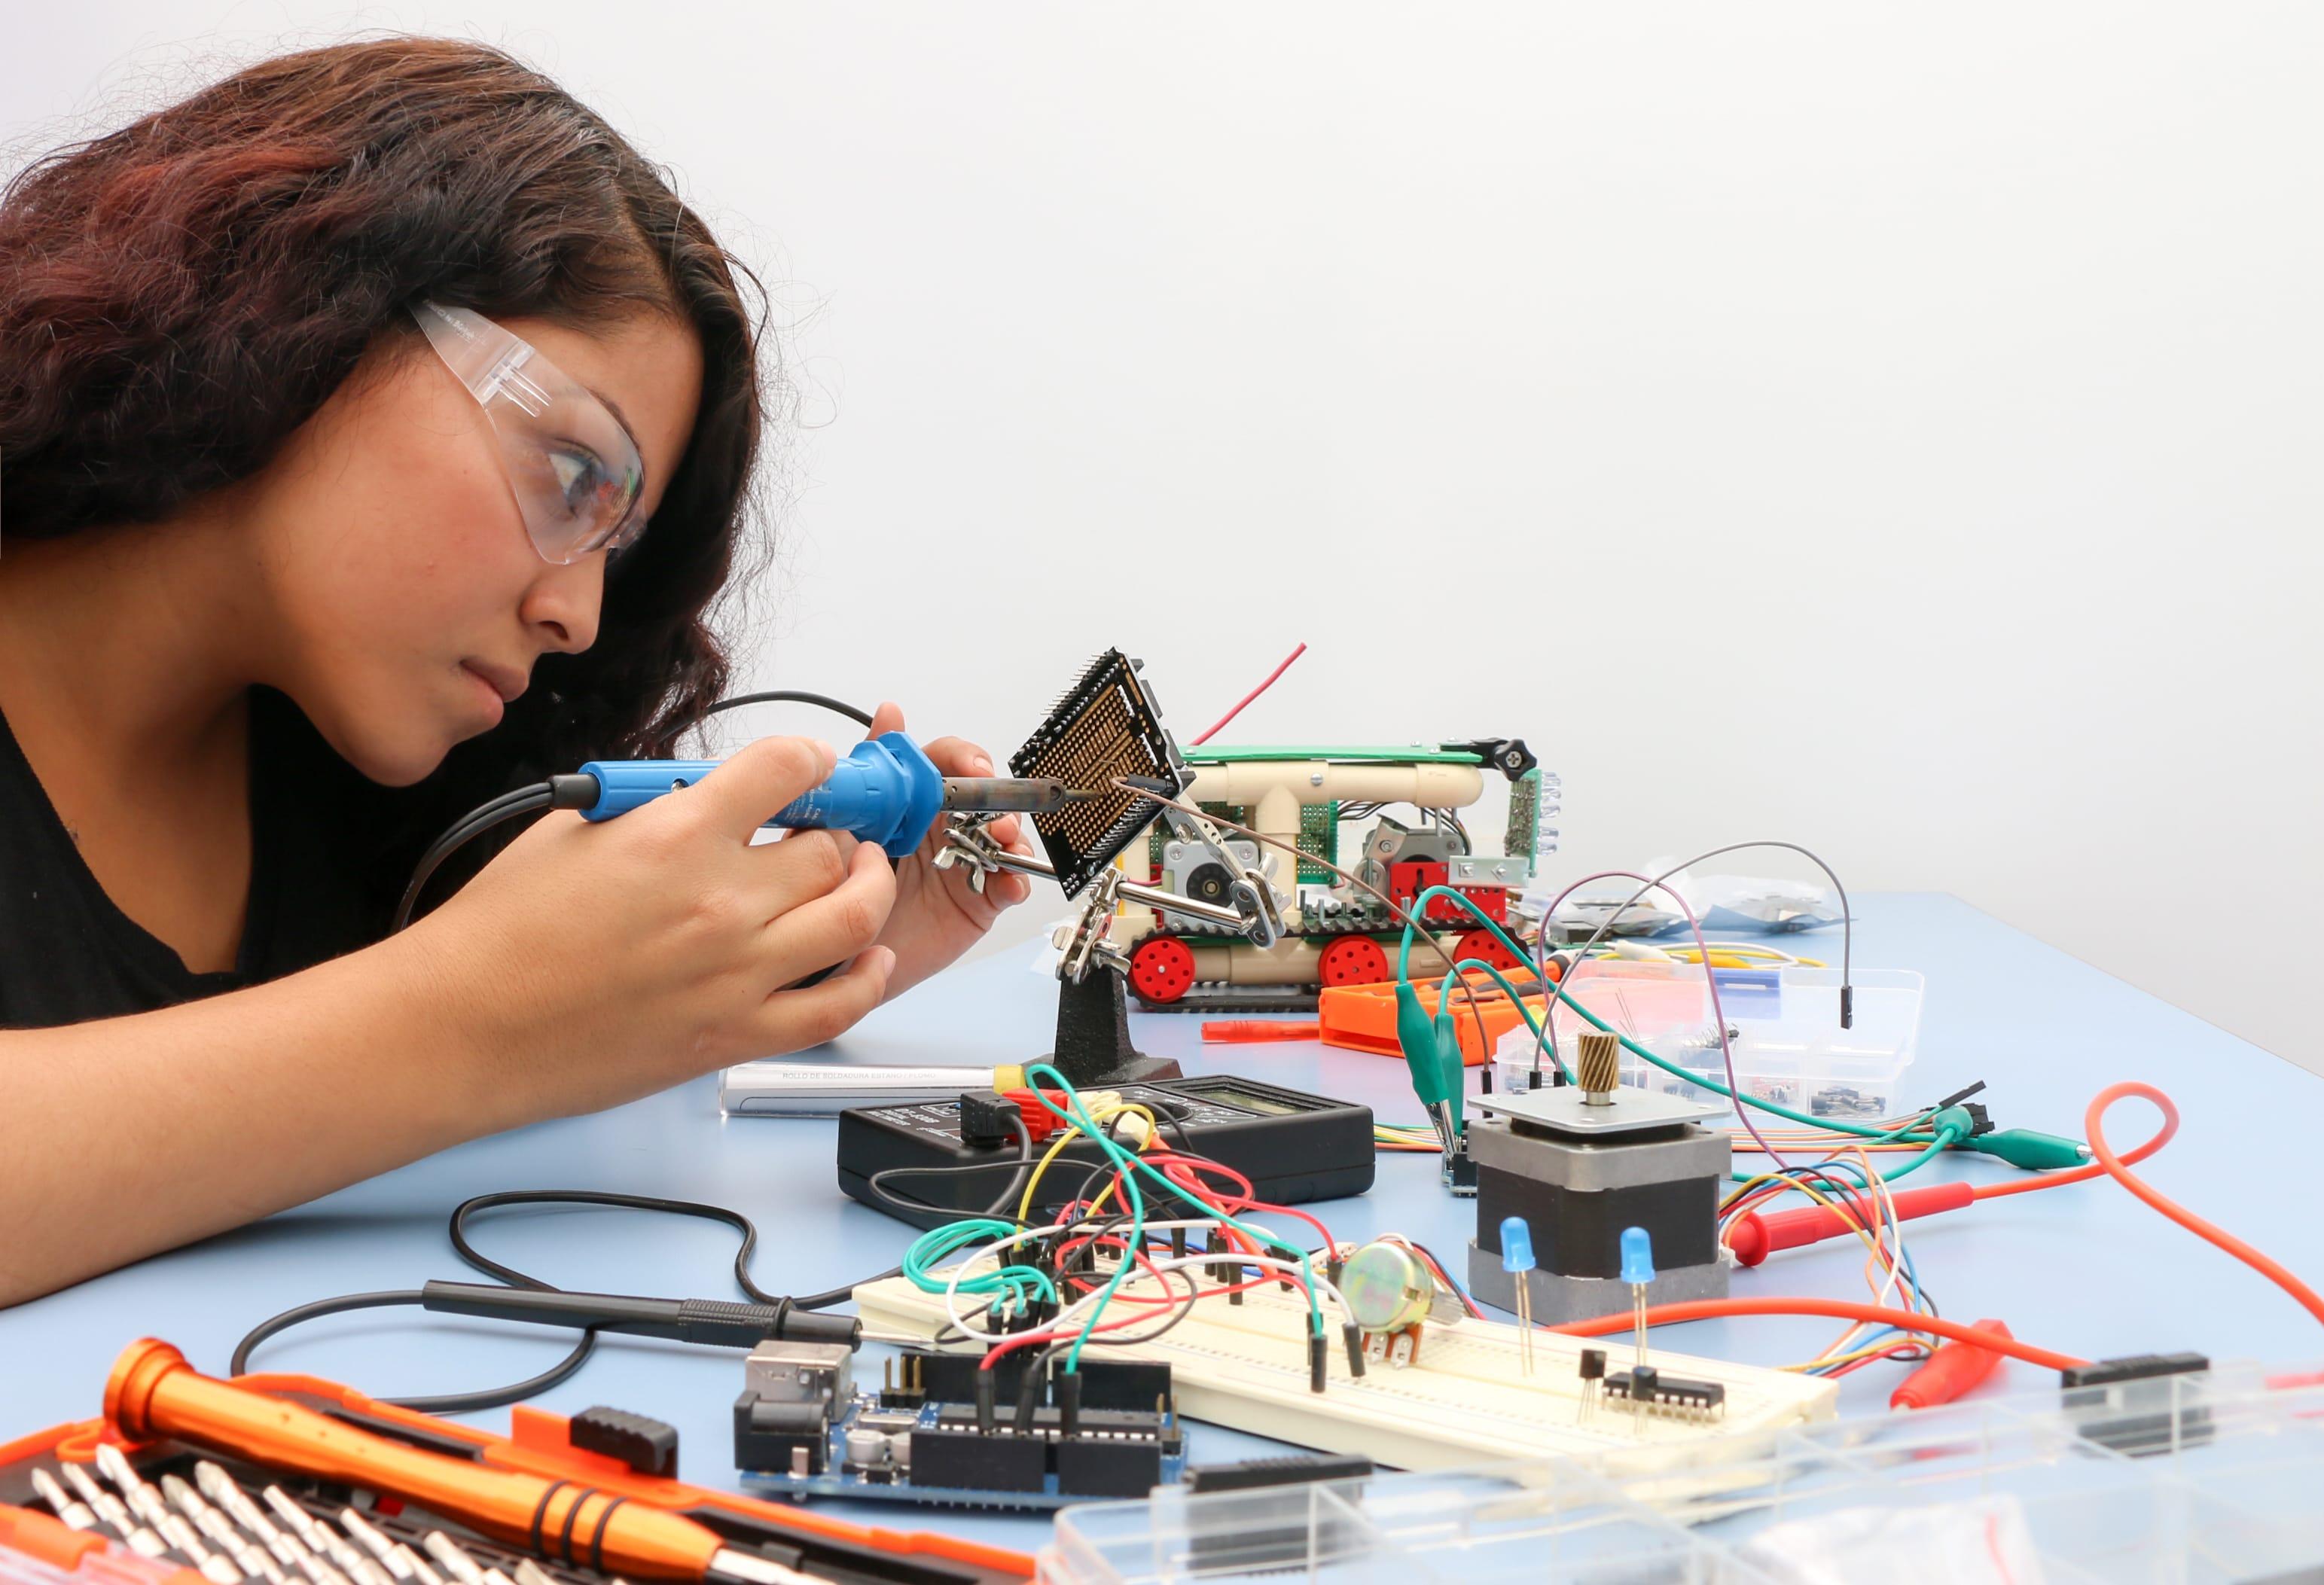 ¿Cómo impulsar a los jóvenes a las carreras de Ciencia y Tecnología?